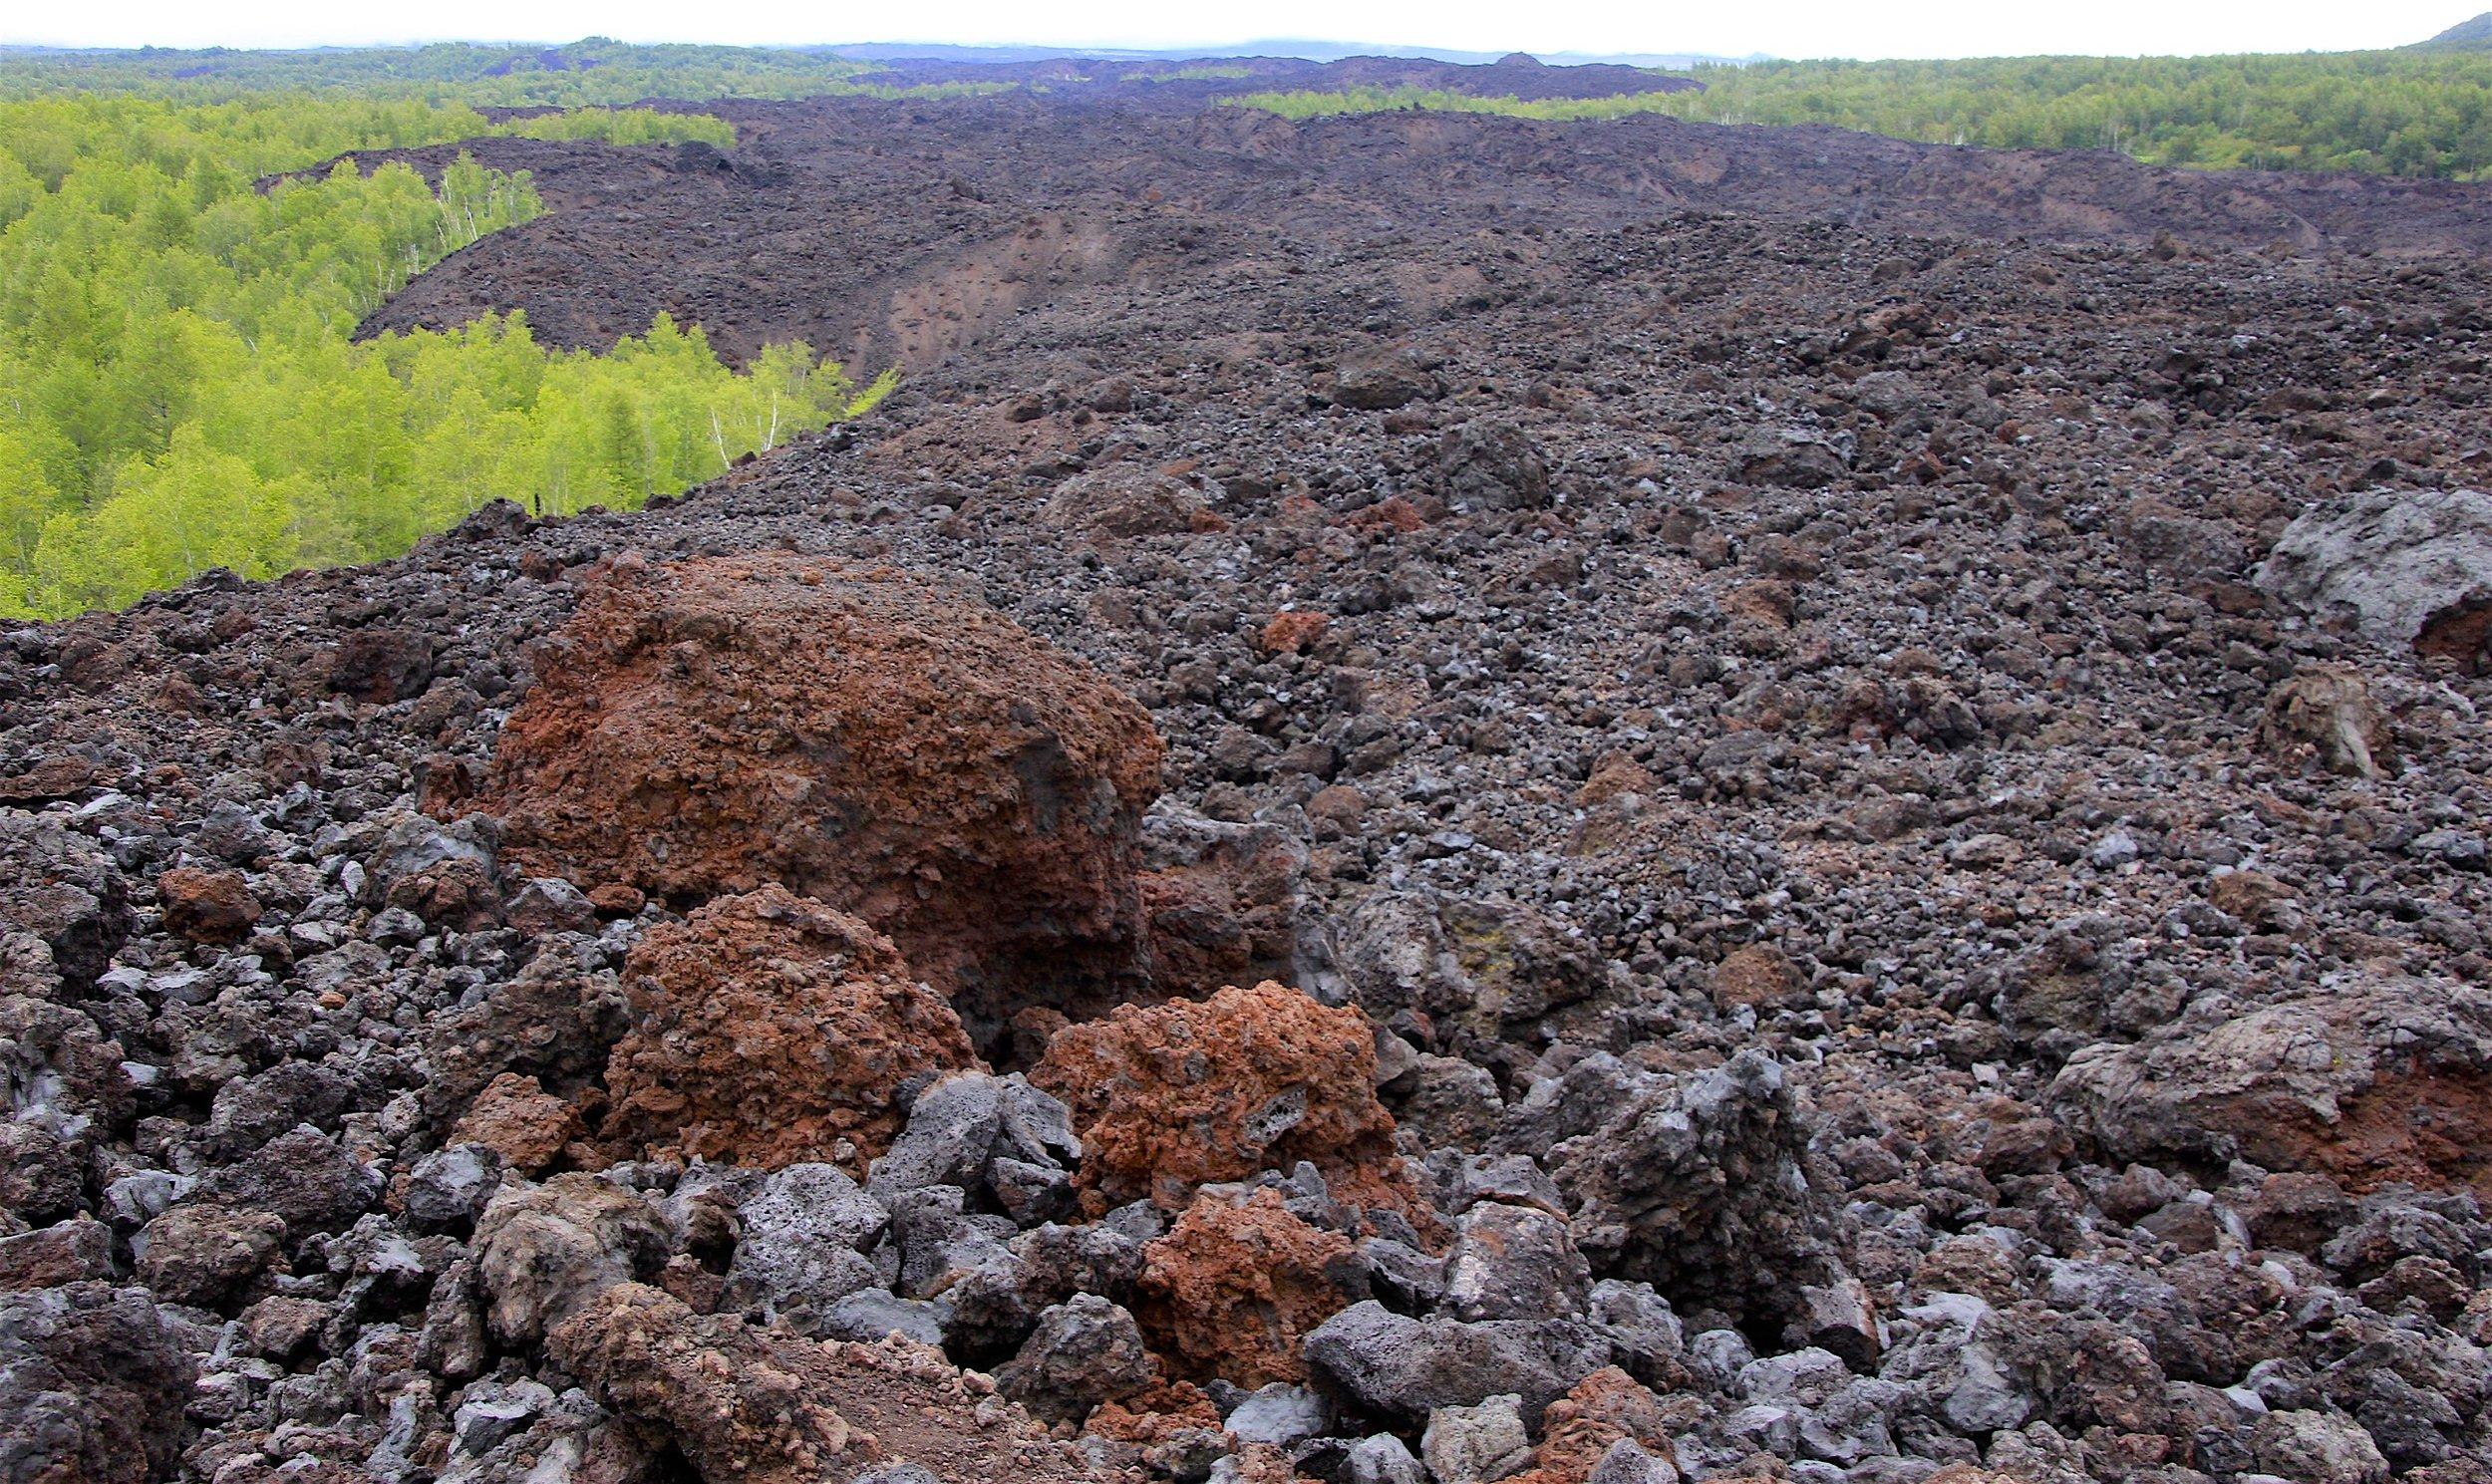 Massive lava field